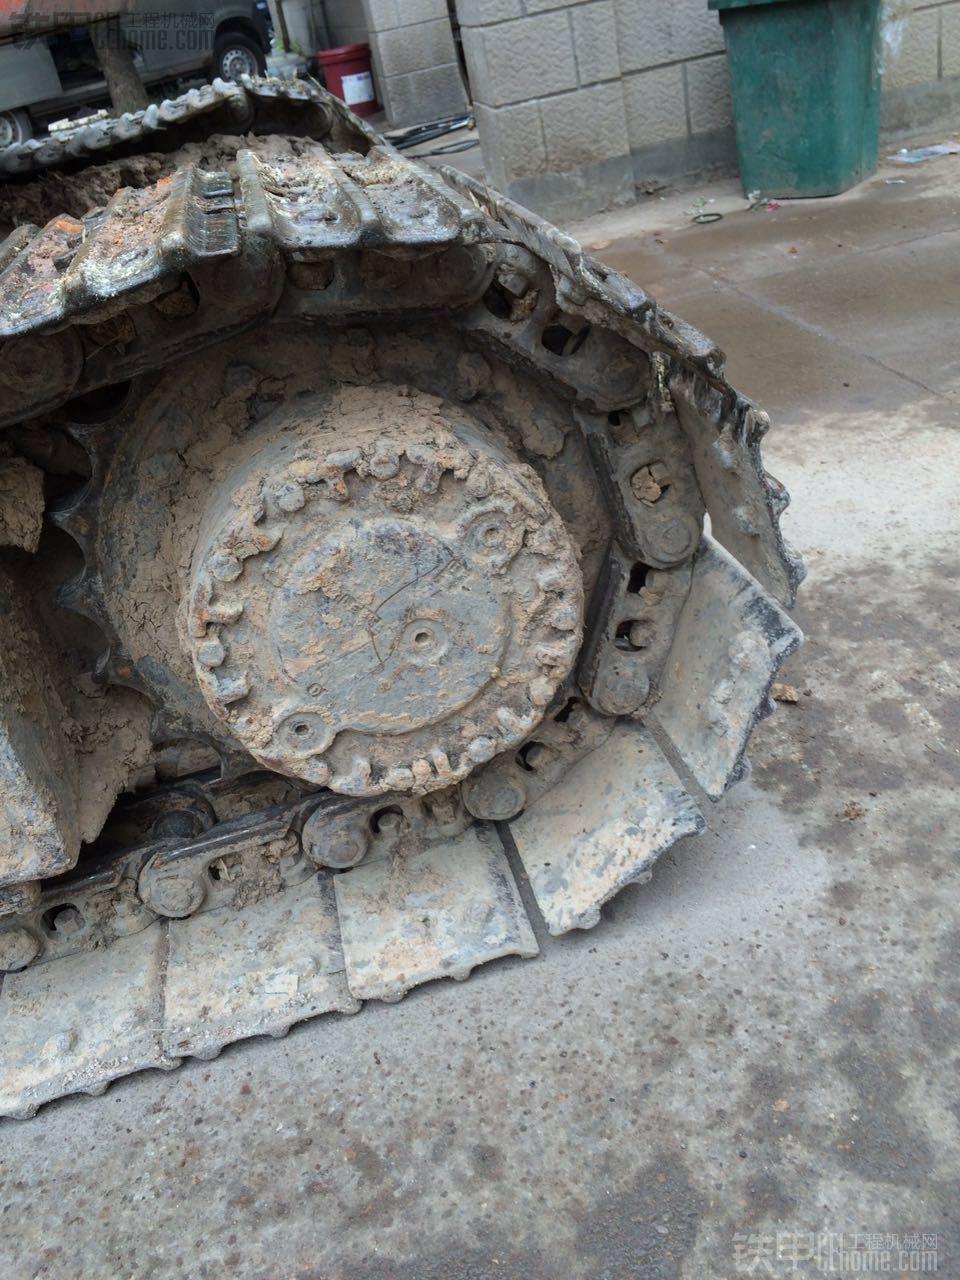 日立 EX60-3 二手挖掘机价格 11万 8000小时